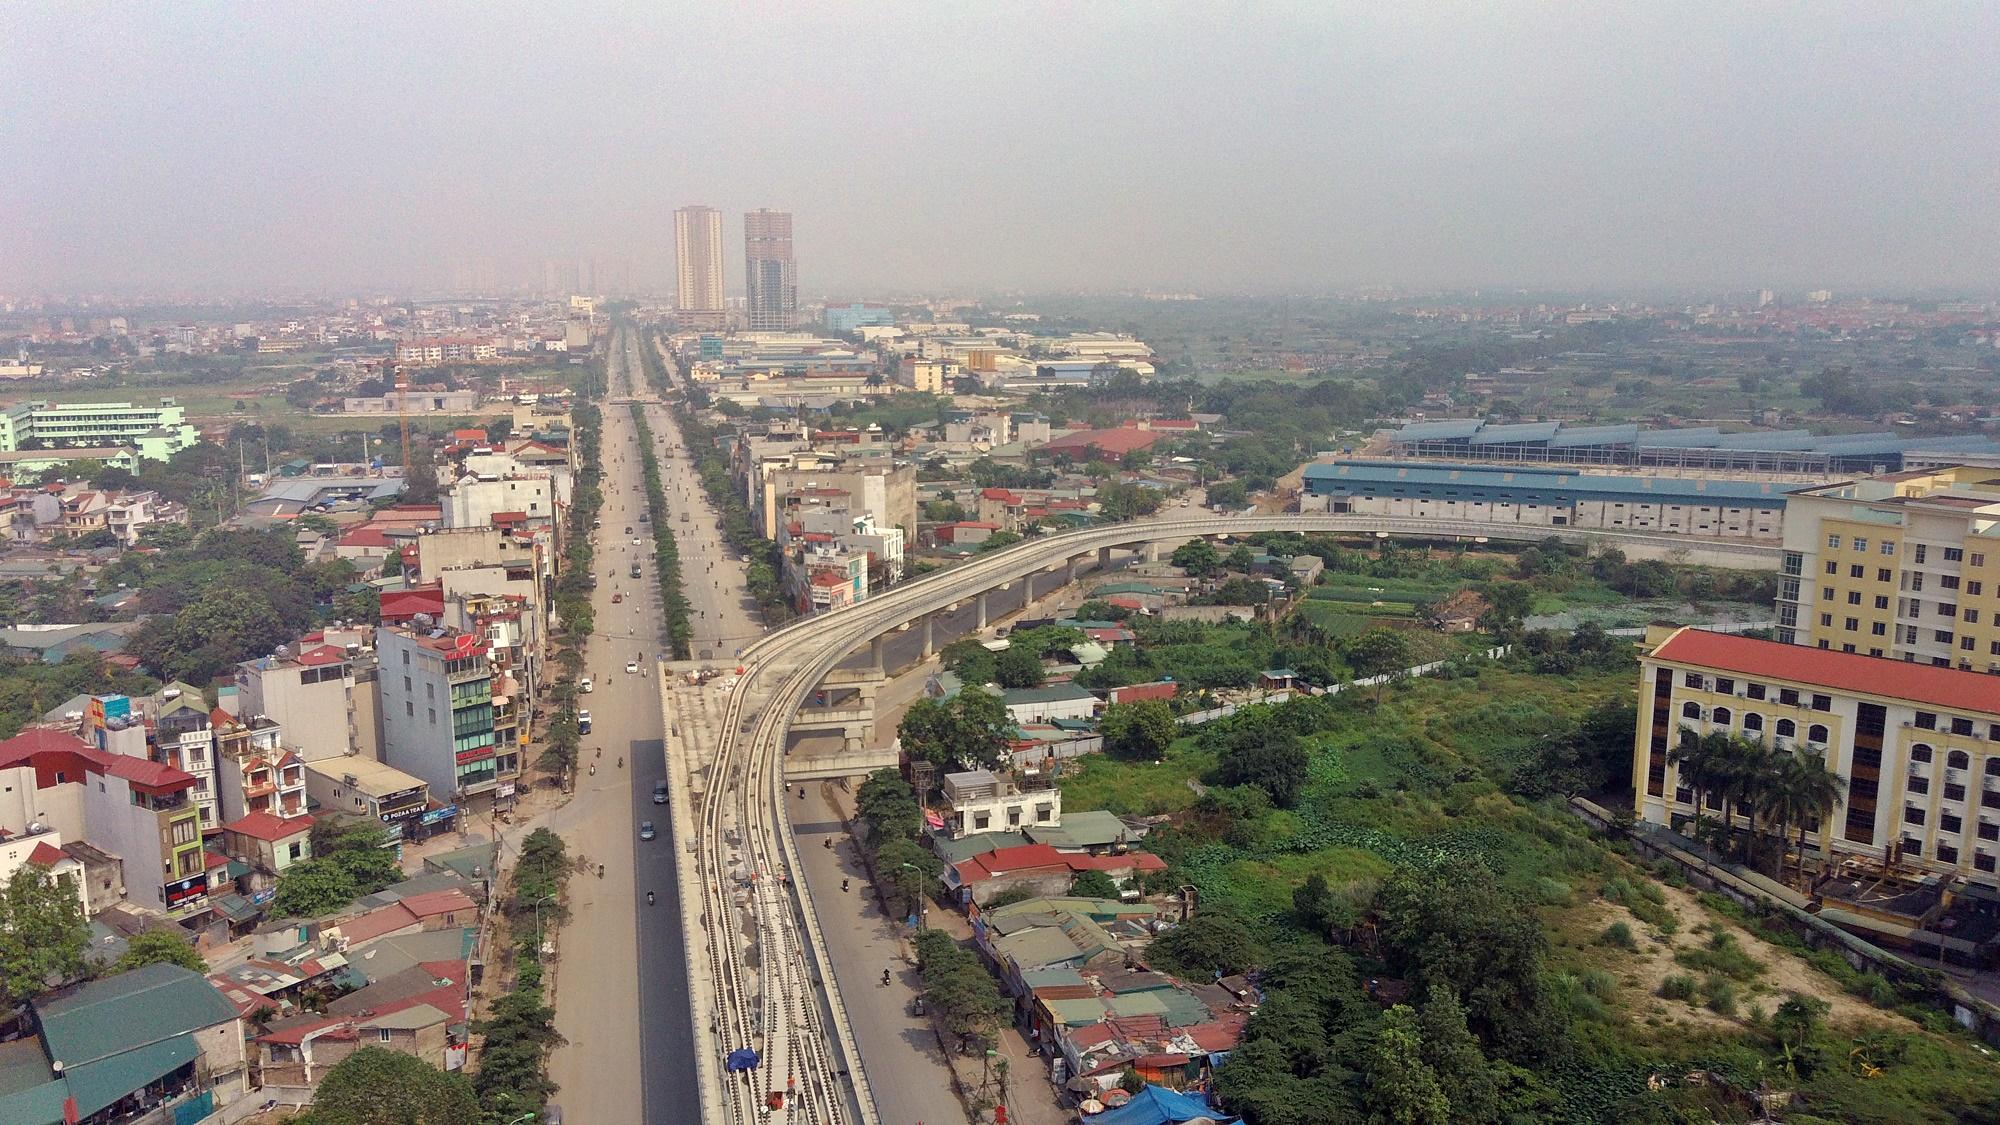 Những dự án đáng chú ý nằm dọc đường Vành đai 1 của Hà Nội - Ảnh 1.